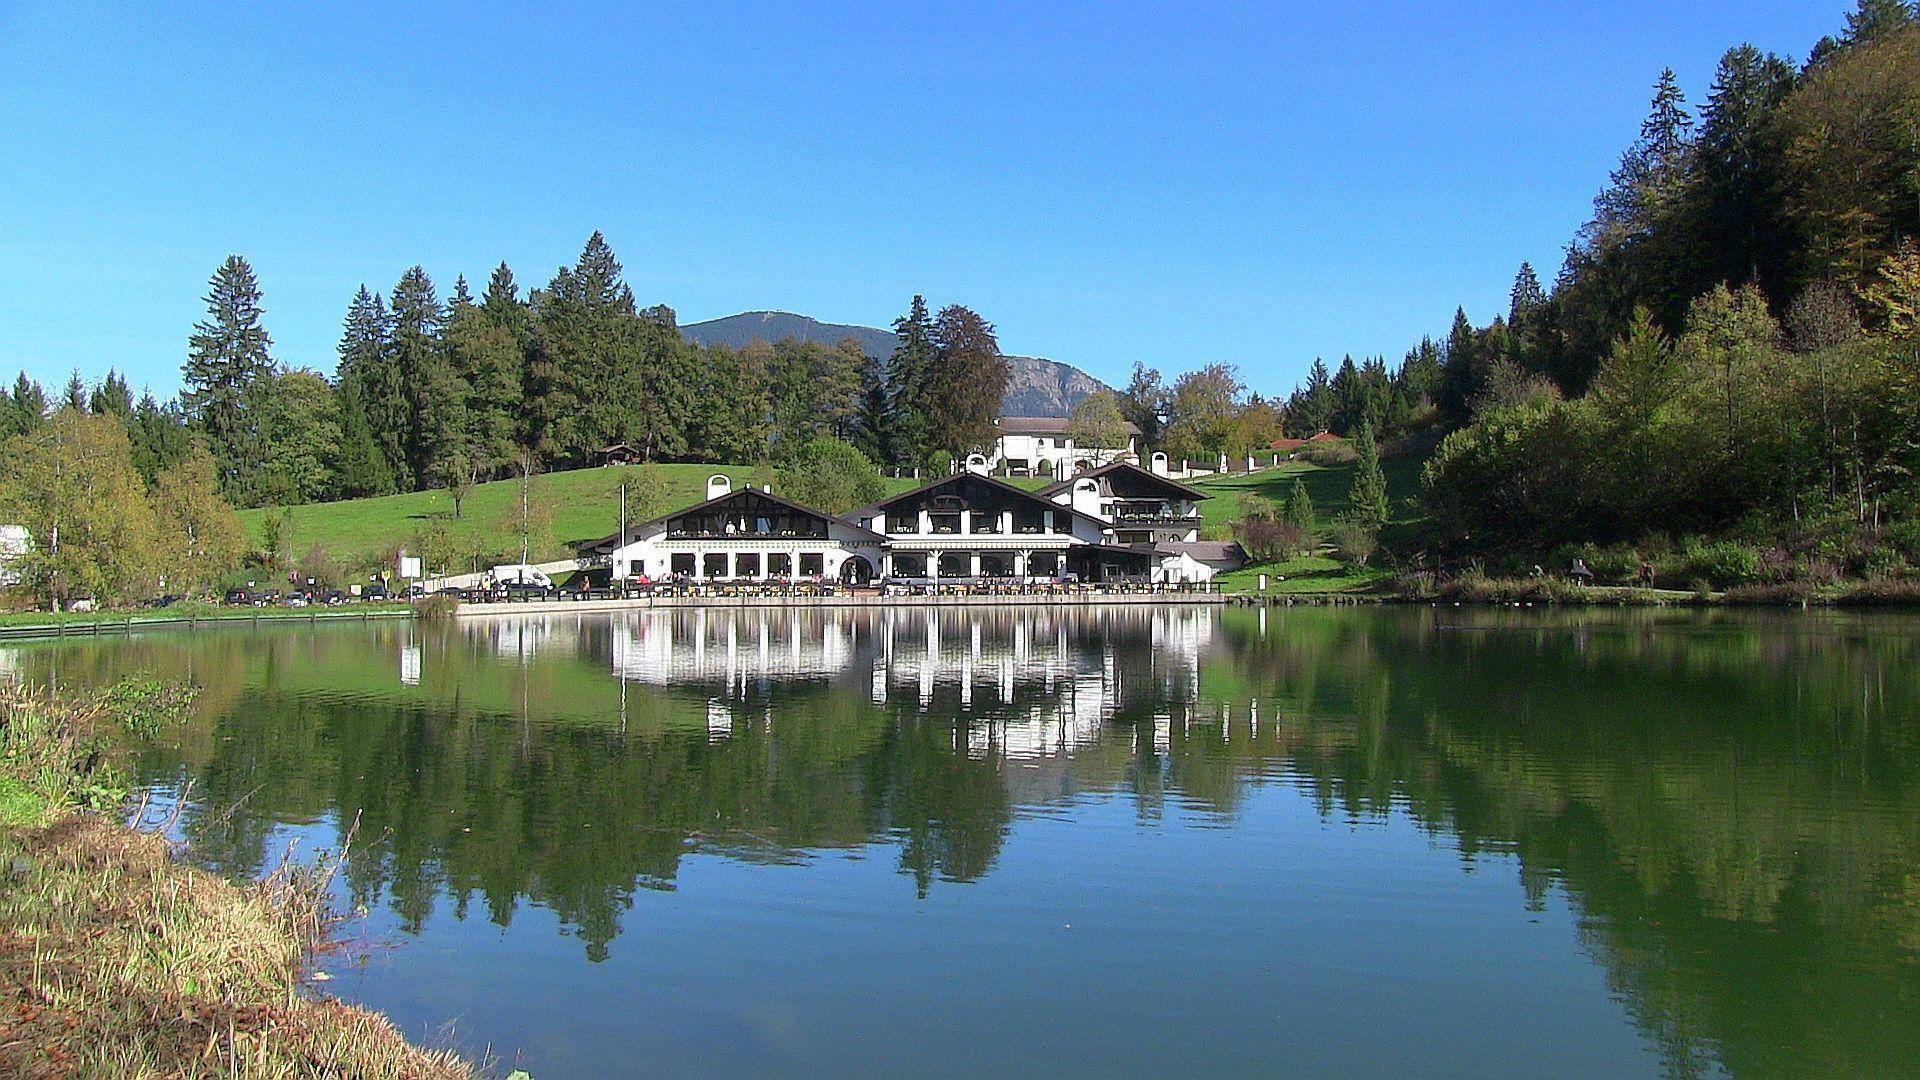 Riessersee Hotel in Garmisch Partenkirchen Seehaus Hochzeit Garmisch Bayern See Berge Natur wedding location wedding venue abroad Bav…